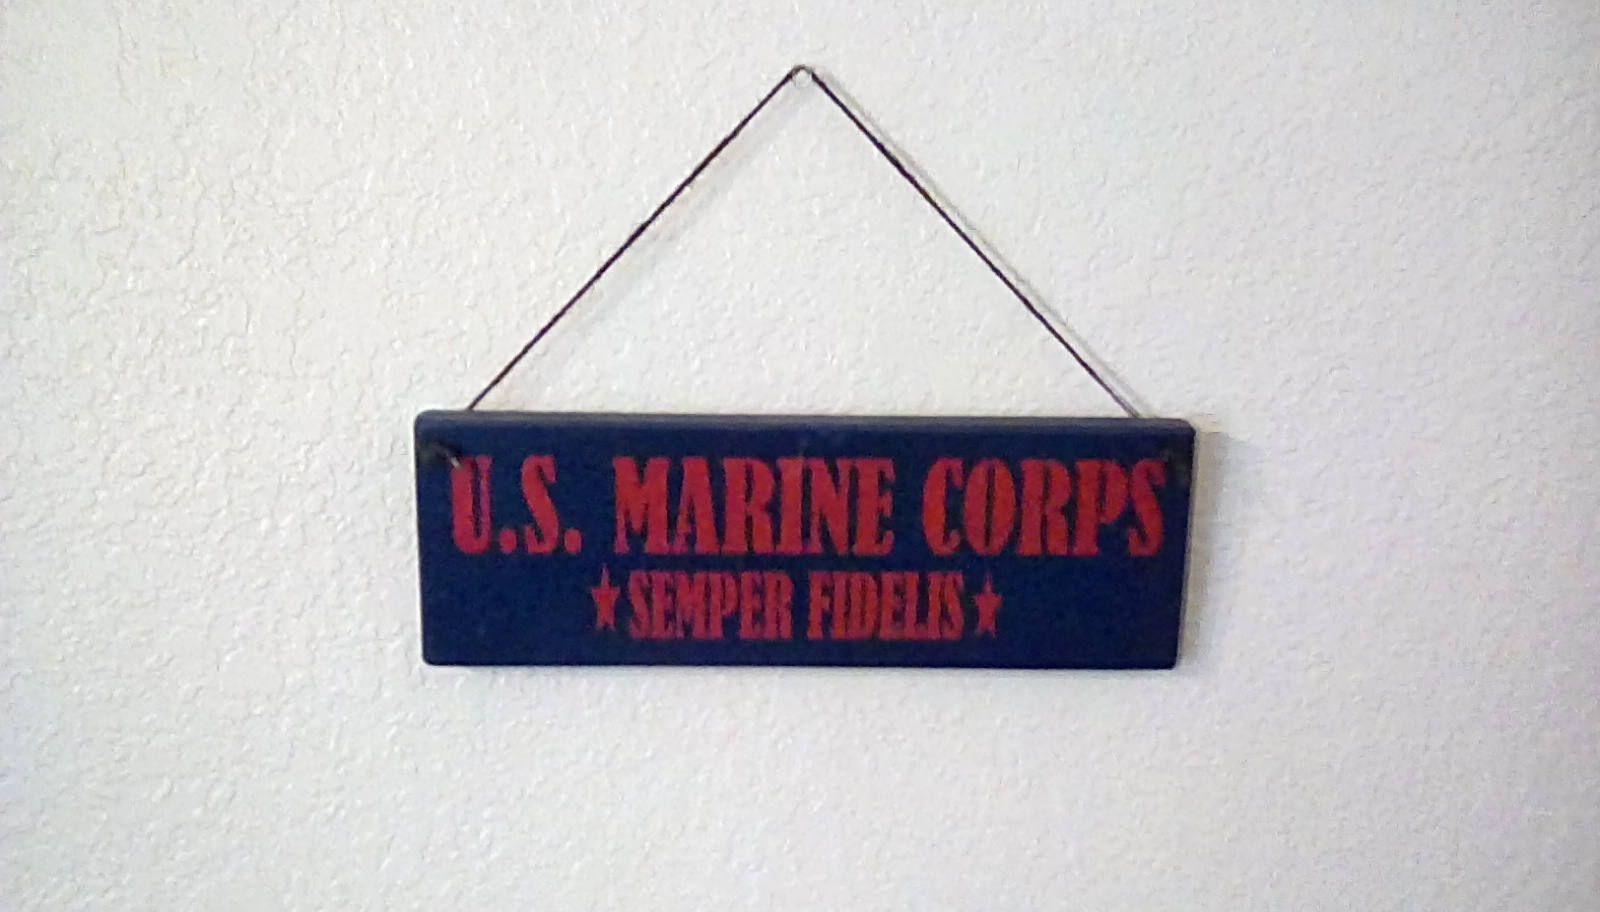 U.S. Marines Corpes. Semper Fi, America, Office decor, Patriotic ...